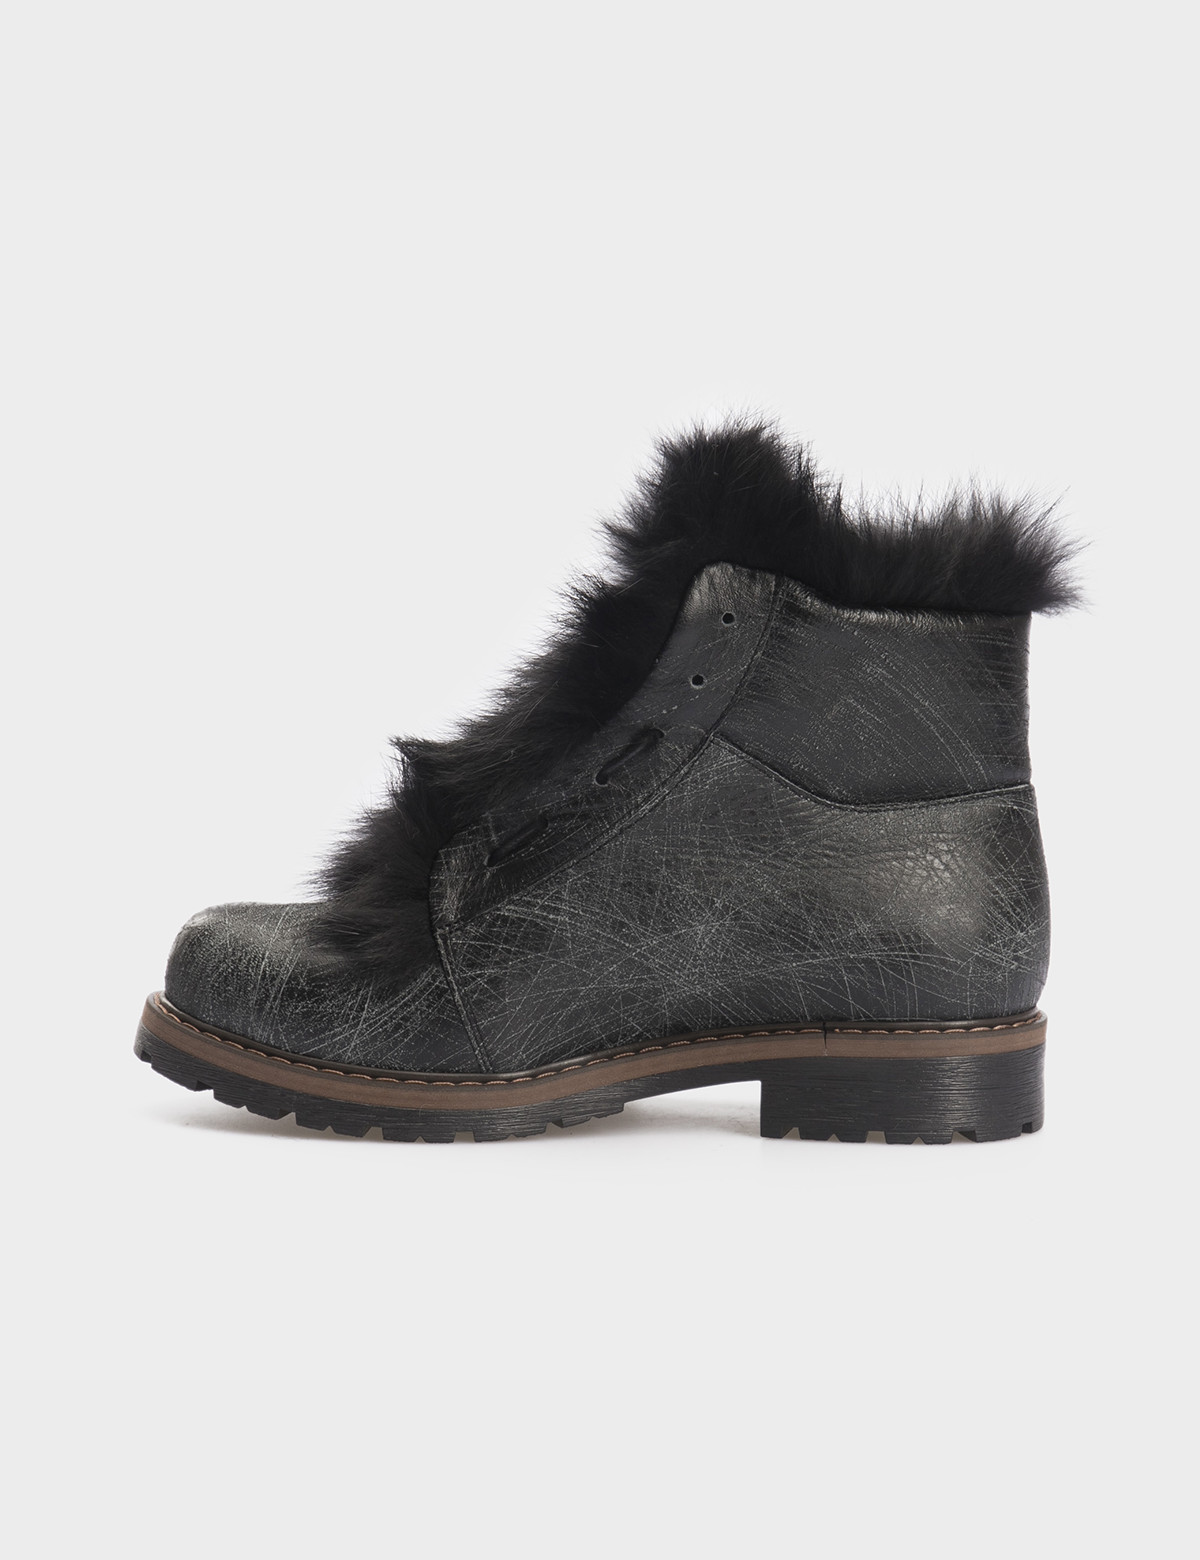 Ботинки черные, натуральная кожа. Мех2